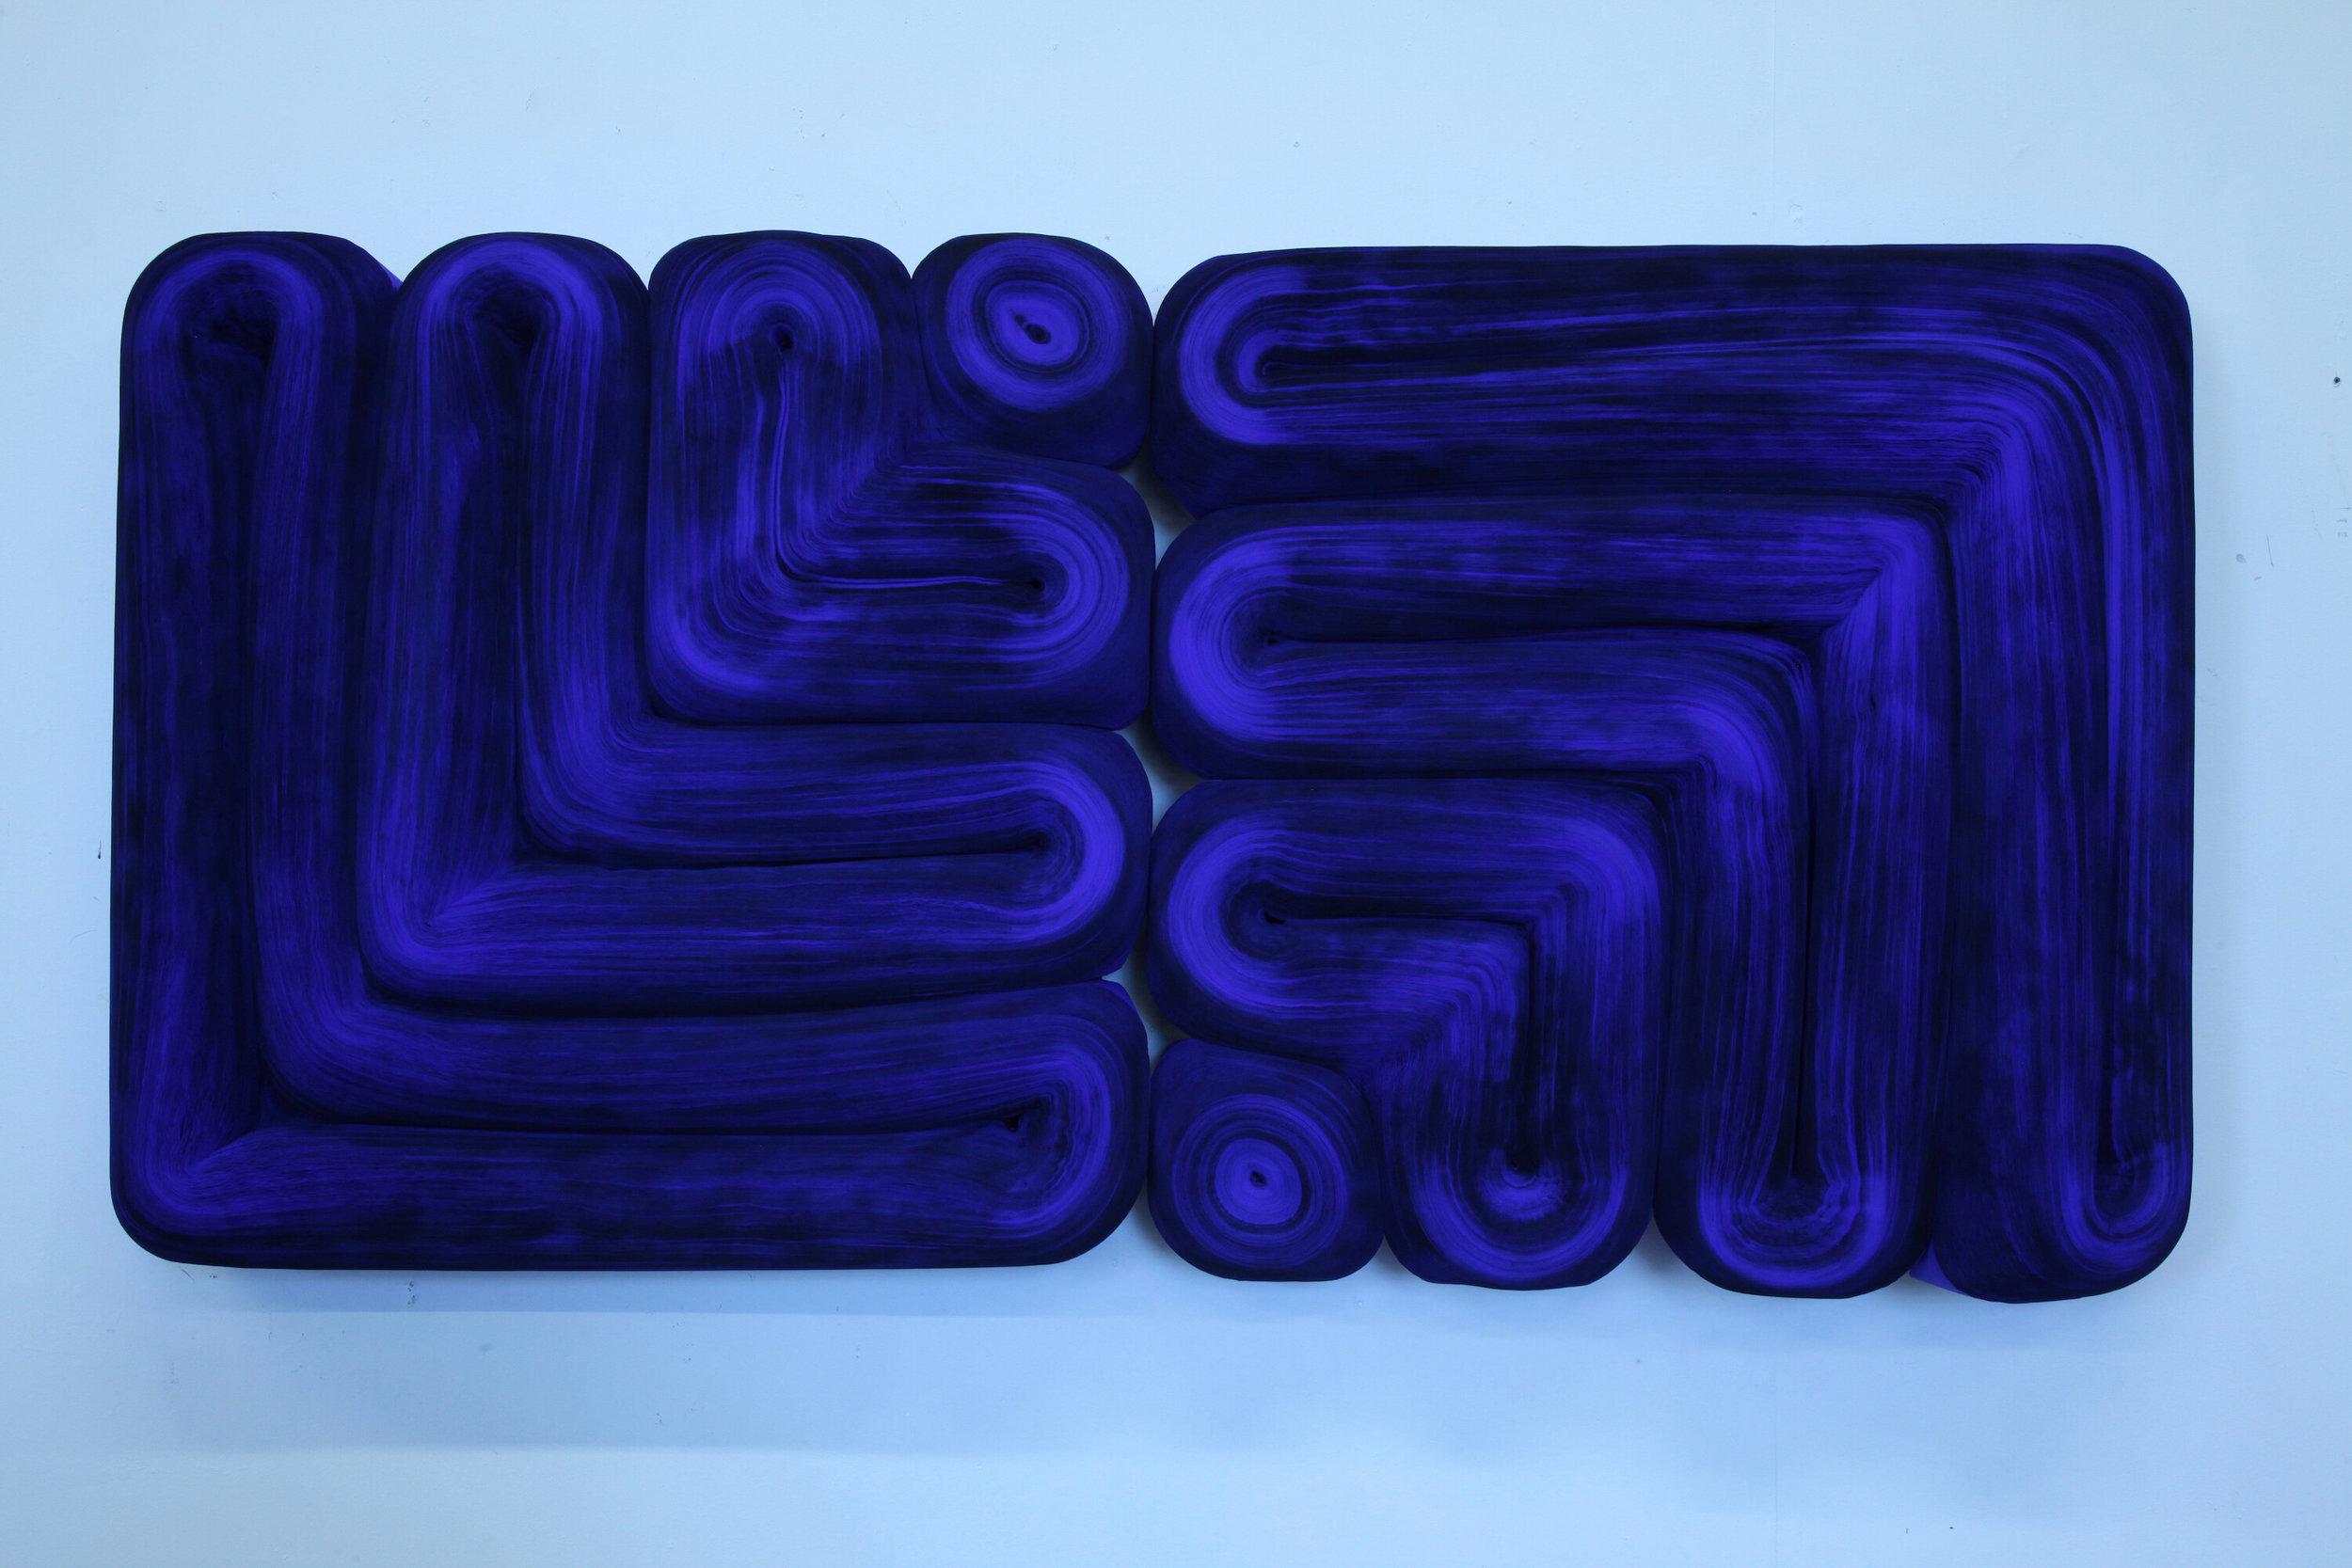 Jae Ko , JK491 Ultramarine Blue; rolled paper, colored ink and glue; 24 x 48 x 7 inches